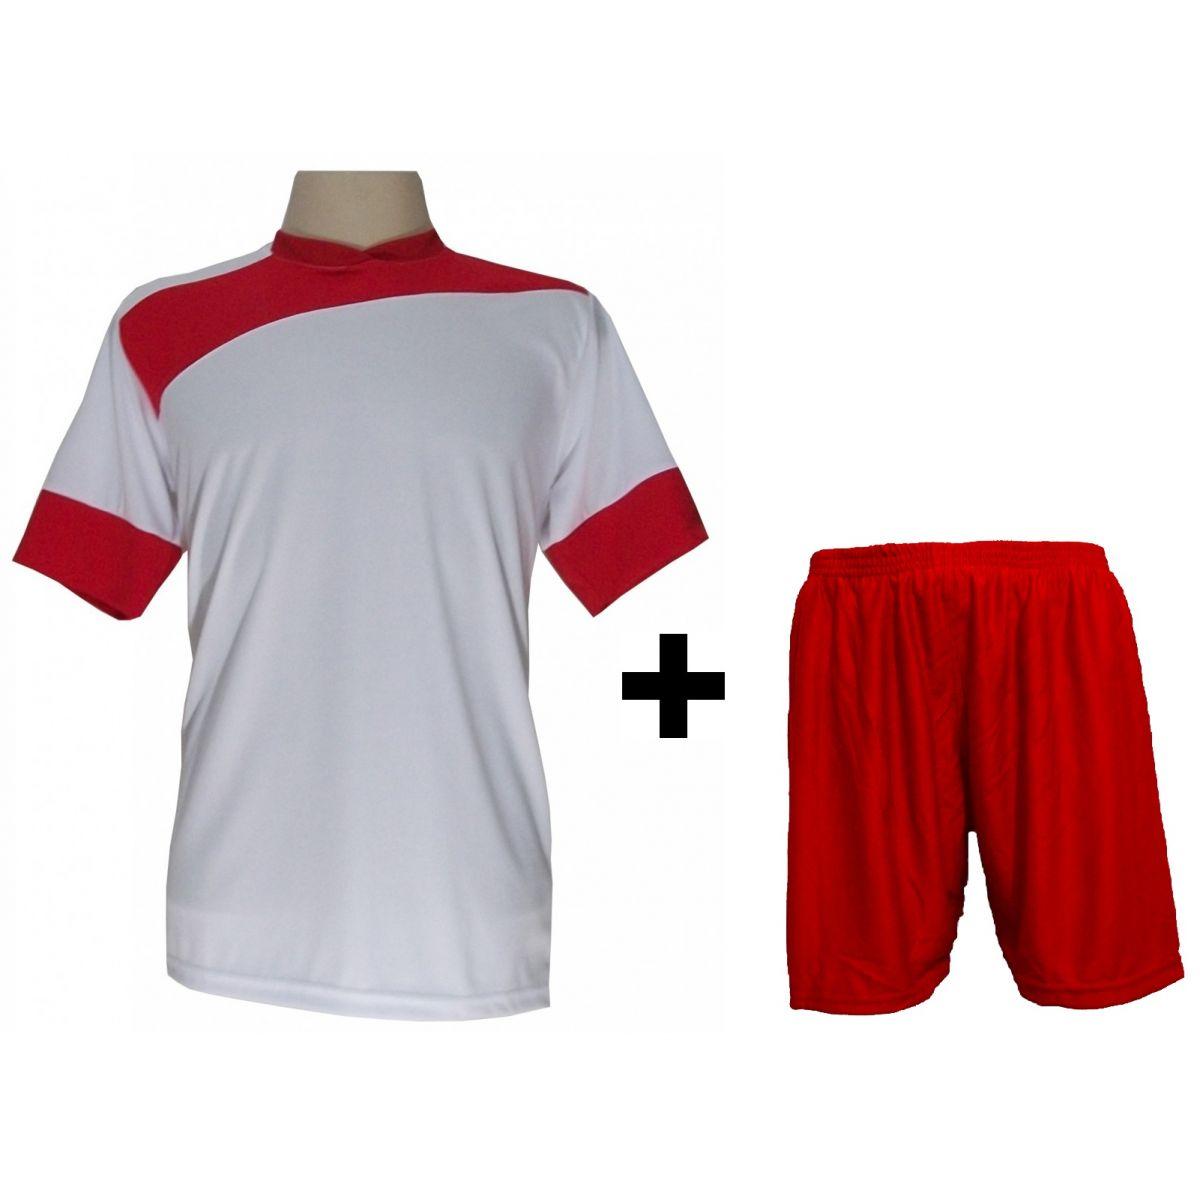 Uniforme Esportivo com 14 camisas Sporting Branco/Vermelho + 14 calções modelo Madrid Vermelho + Brindes